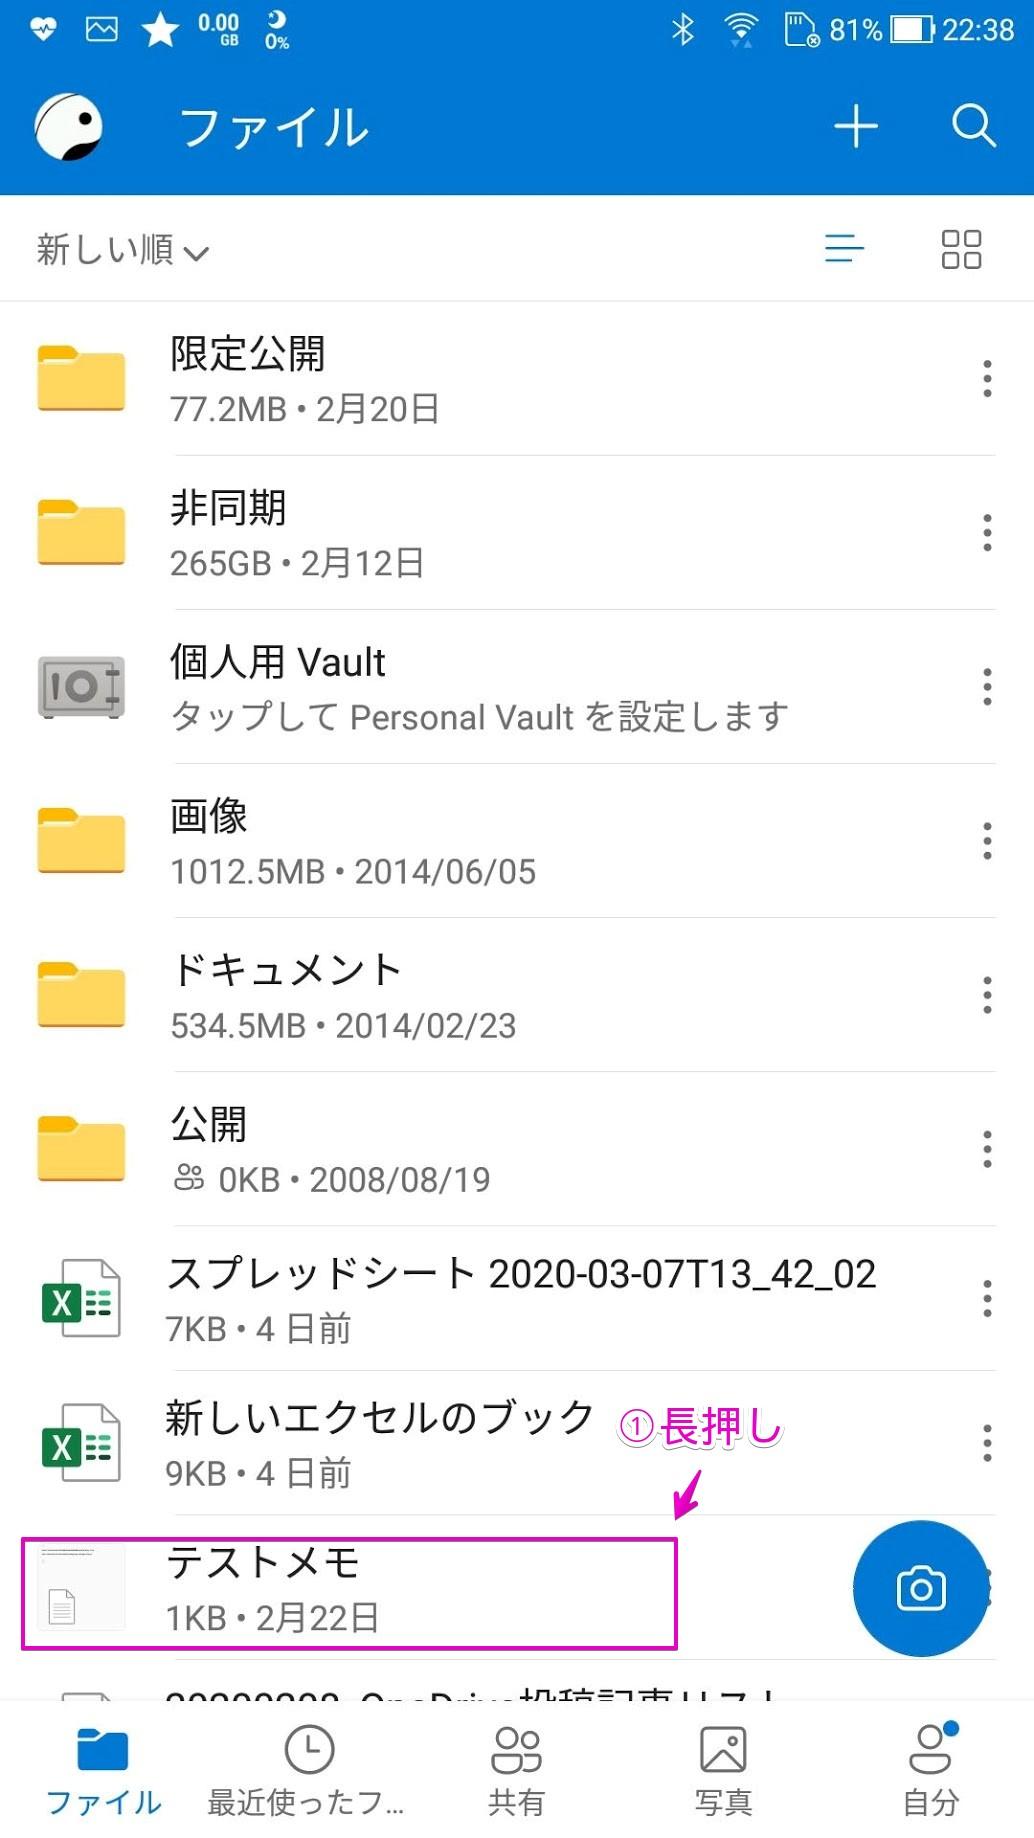 AndroidアプリでOneDriveのフォルダー/ファイルをコピーする